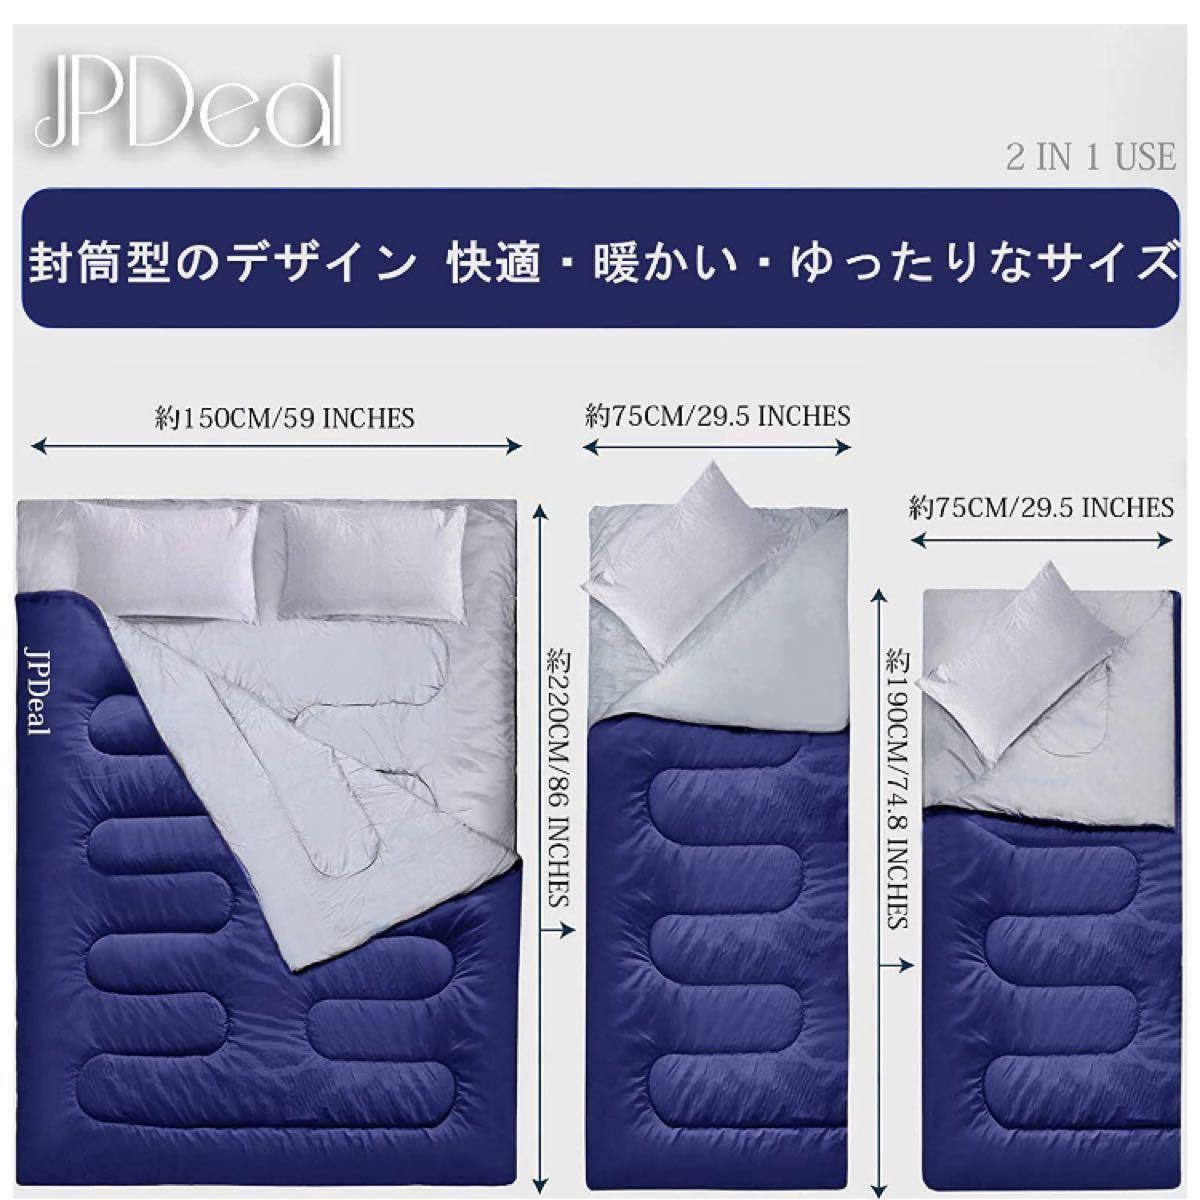 寝袋 封筒型 シュラフ コンプレッションバッグ 枕付き 210T防水シュラフ 軽量 コンパクト 丸洗い可能 収納パック付き